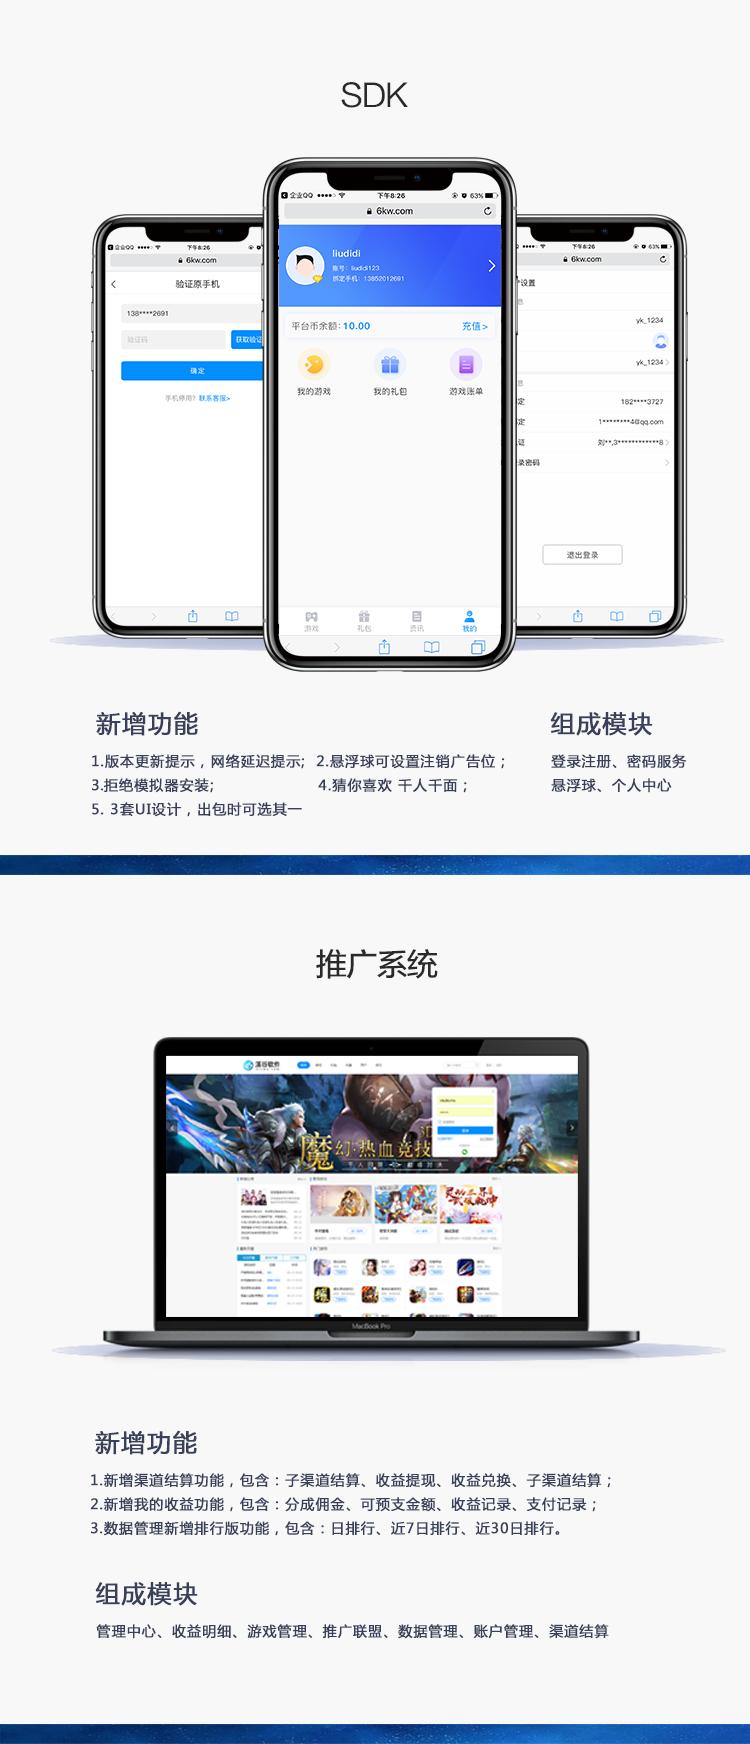 手游联运系统旗舰版介绍.png